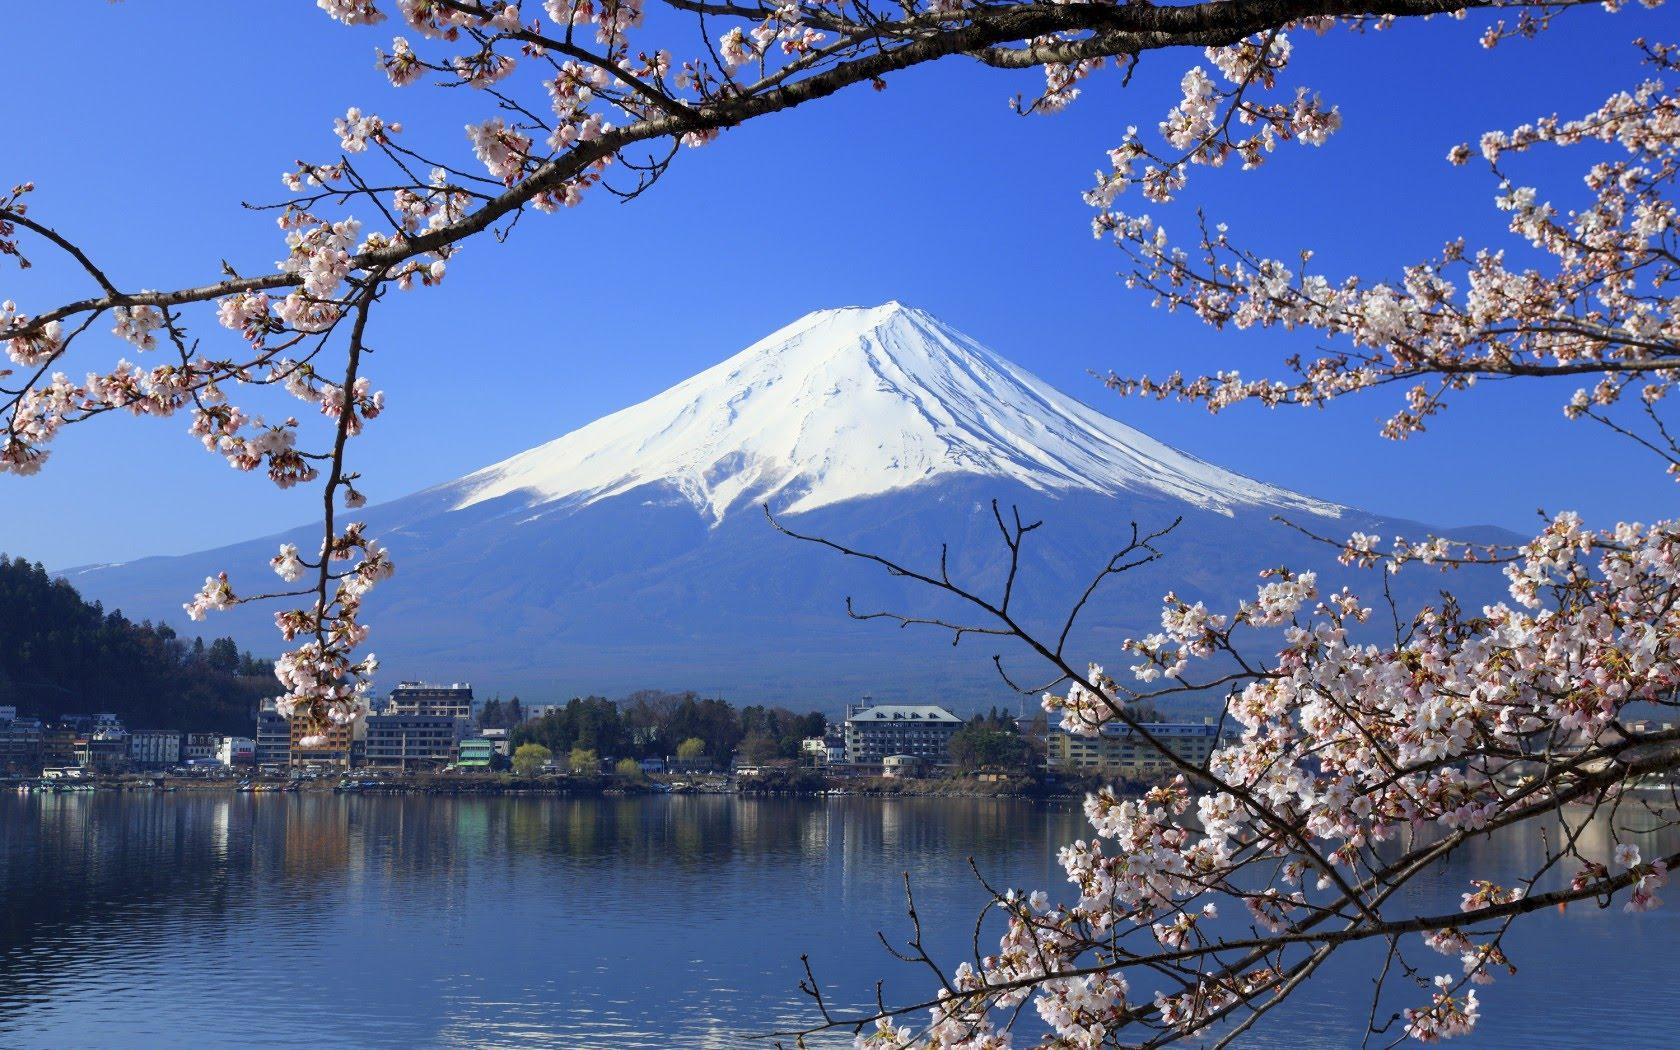 10 điều nhất định phải l&rgb(2, 2, 4);m khi đi du học Nhật Bản - Ảnh 11.